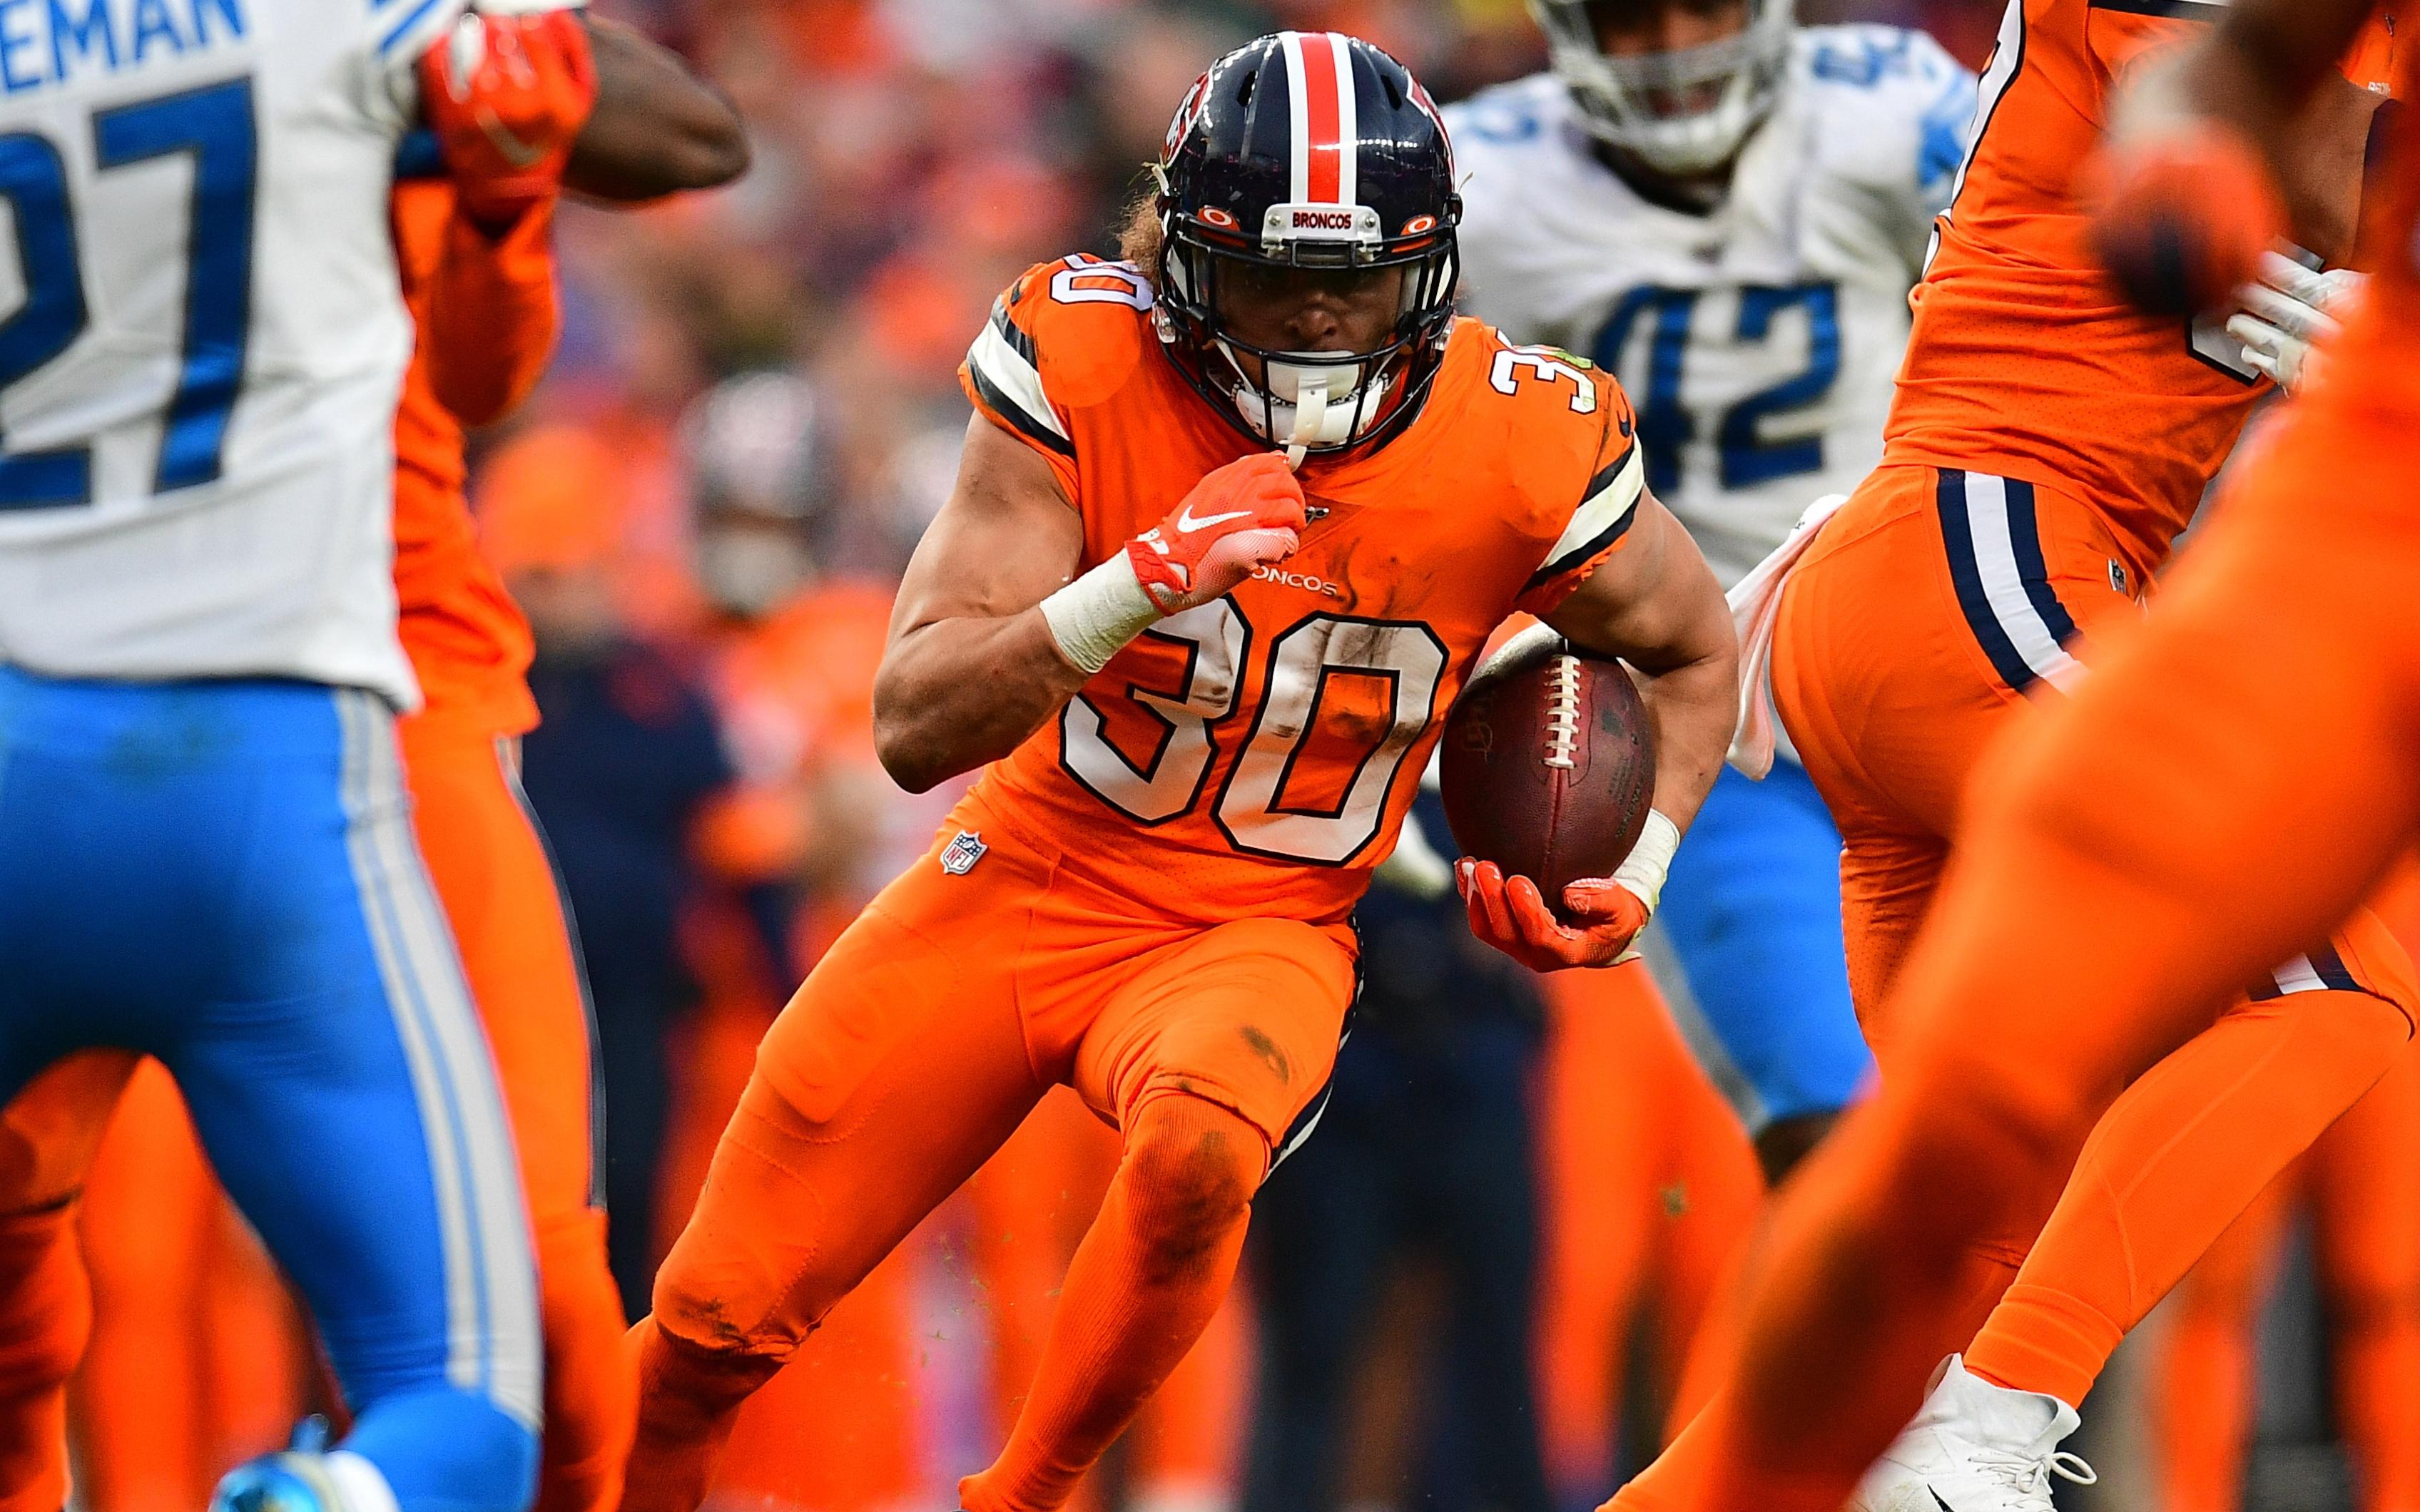 Phillip Lindsay runs between the tackles. Credit: Ron Chenoy, USA TODAY Sports.